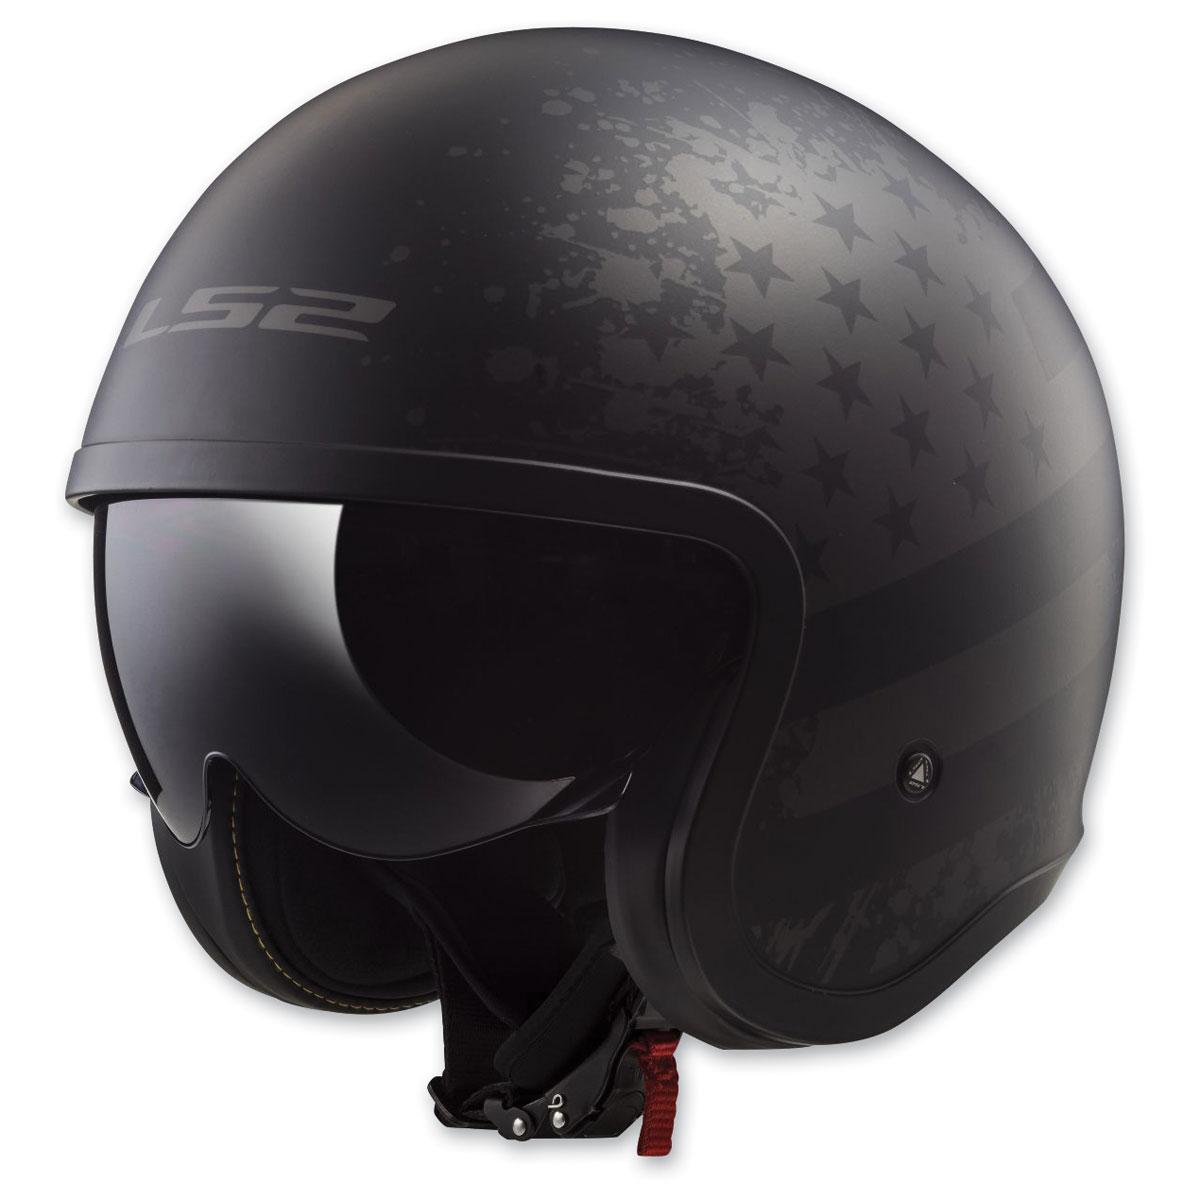 LS2 Spitfire Black Flag Matte Black Open Face Helmet